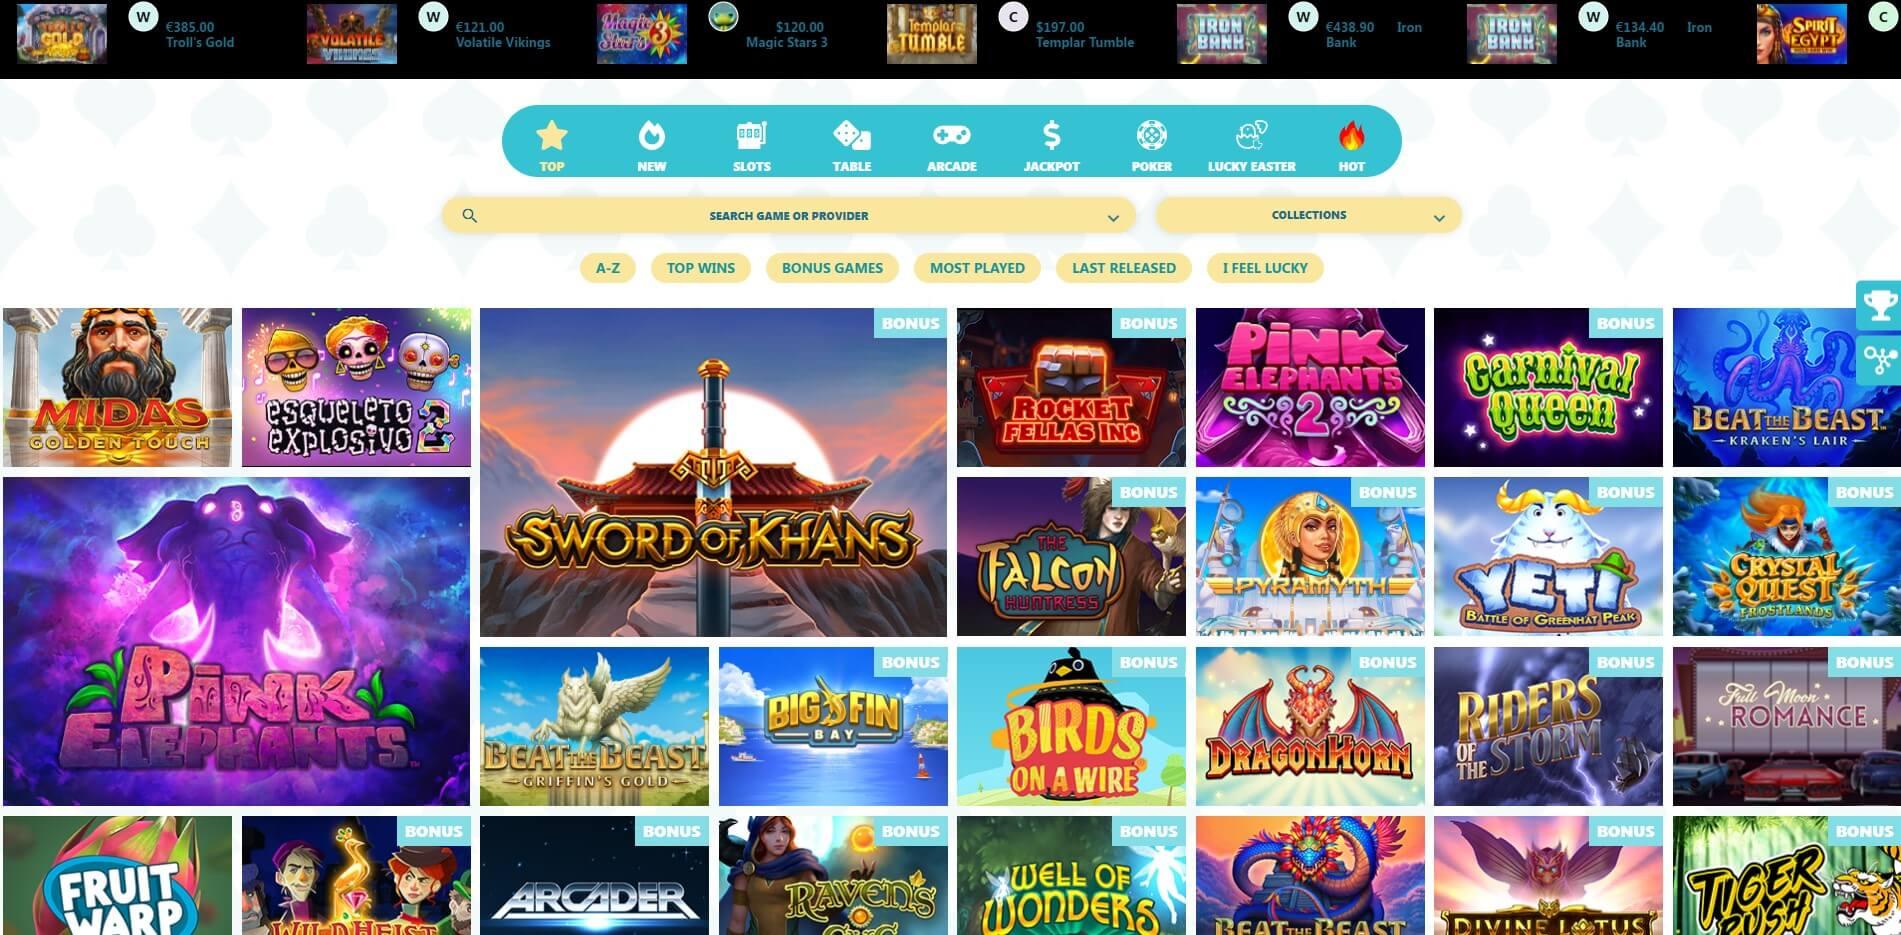 Games at SlotShore Casino